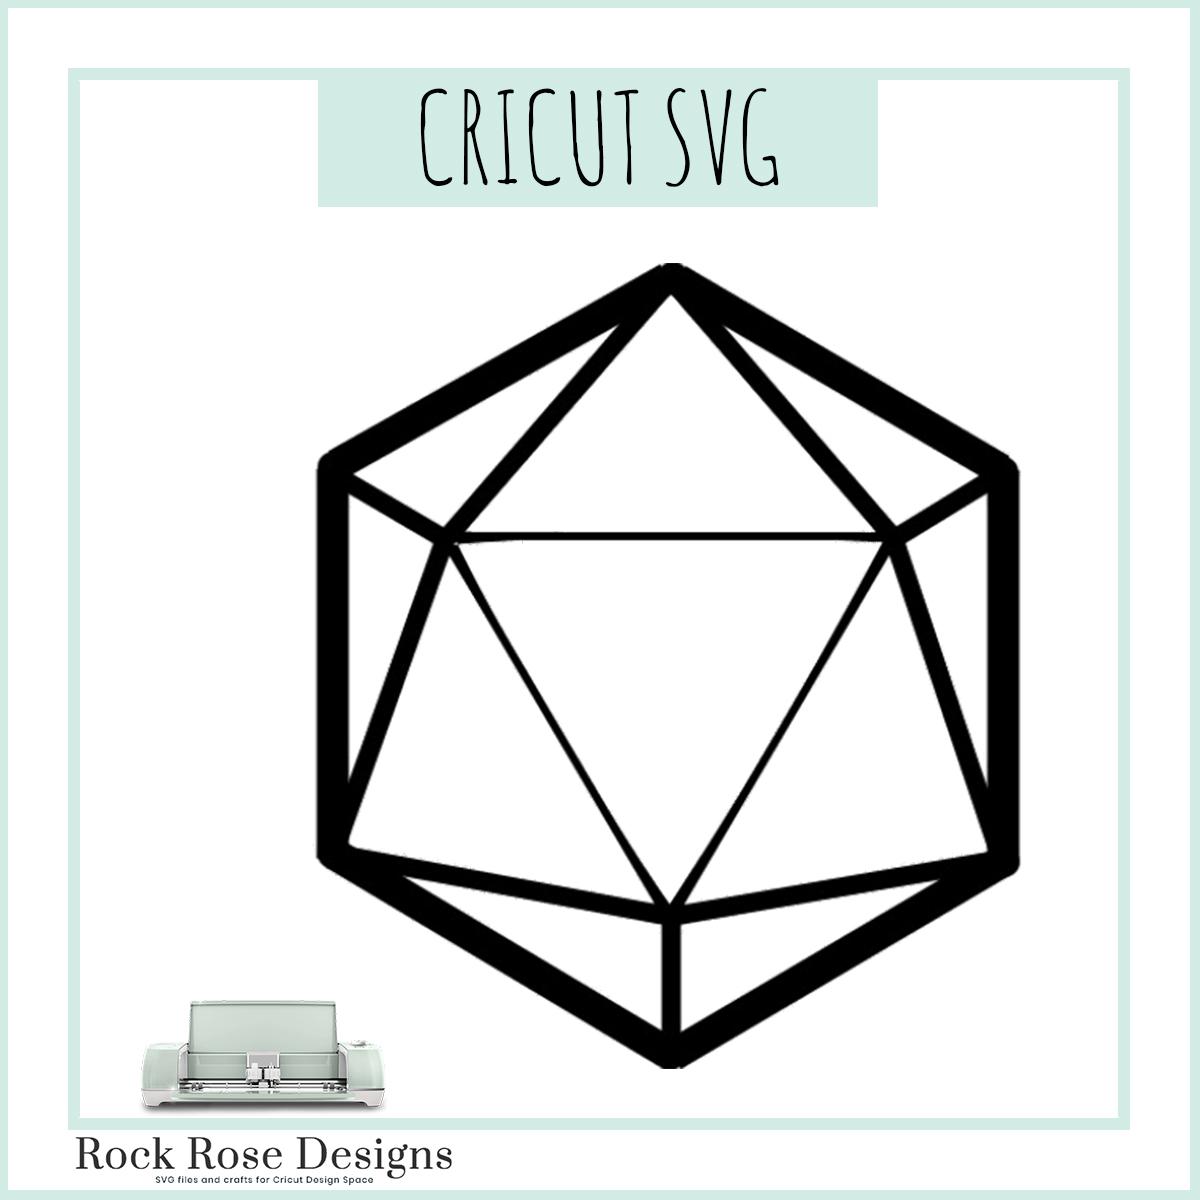 D20 Dice Svg File Rock Rose Designs